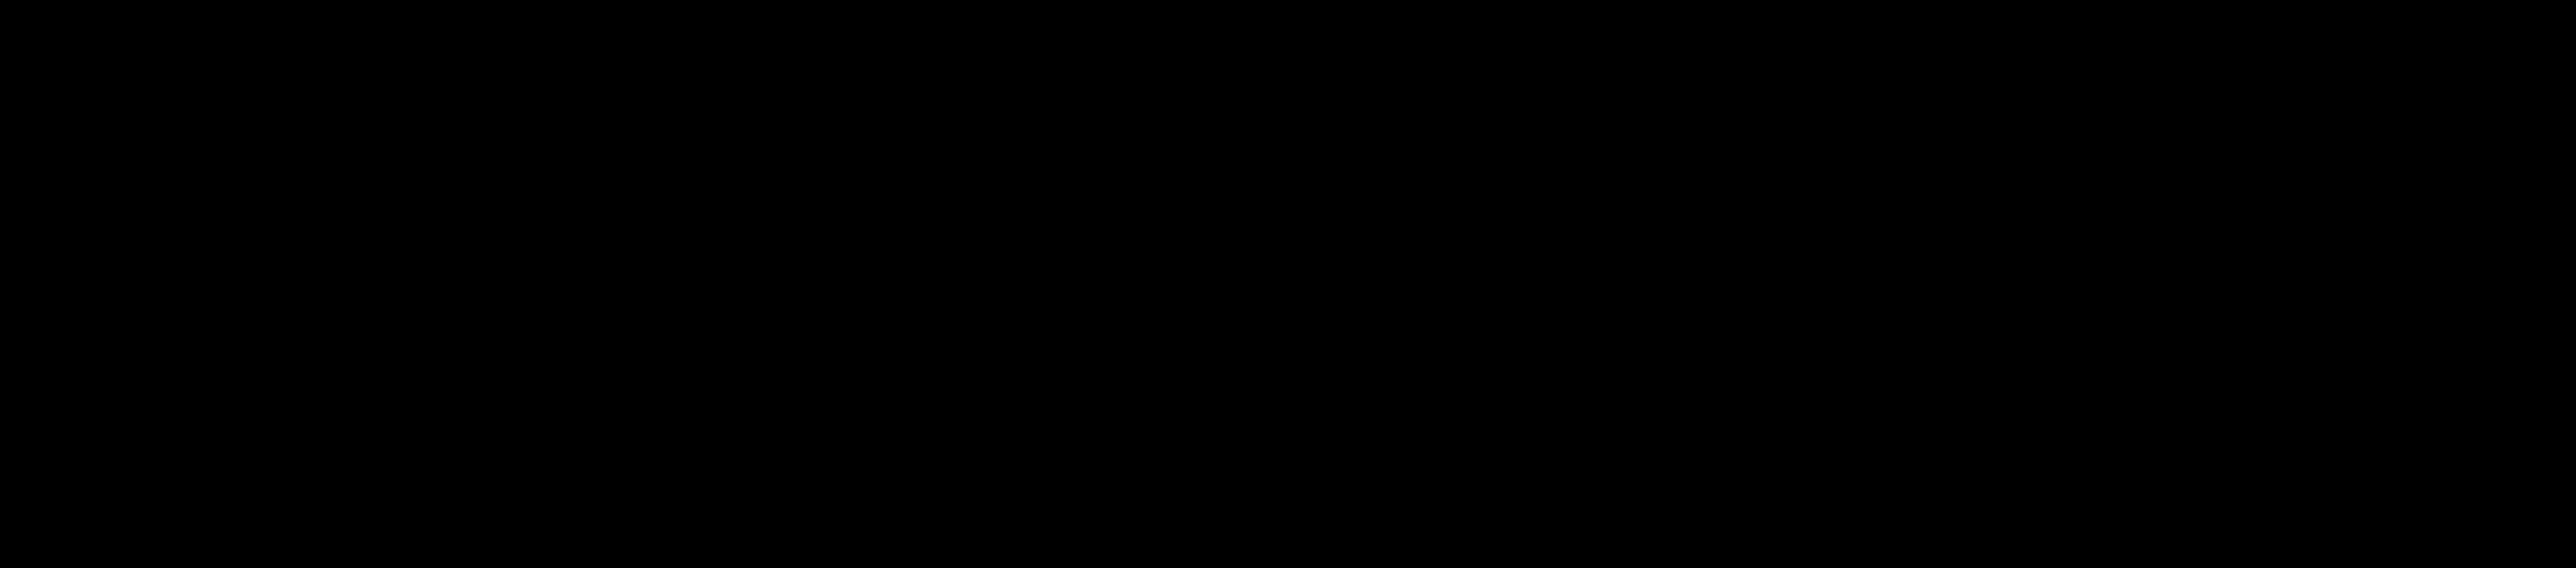 Di-O-(N-Boc)-glycinoylcurcumin-d<sub>6</sub>